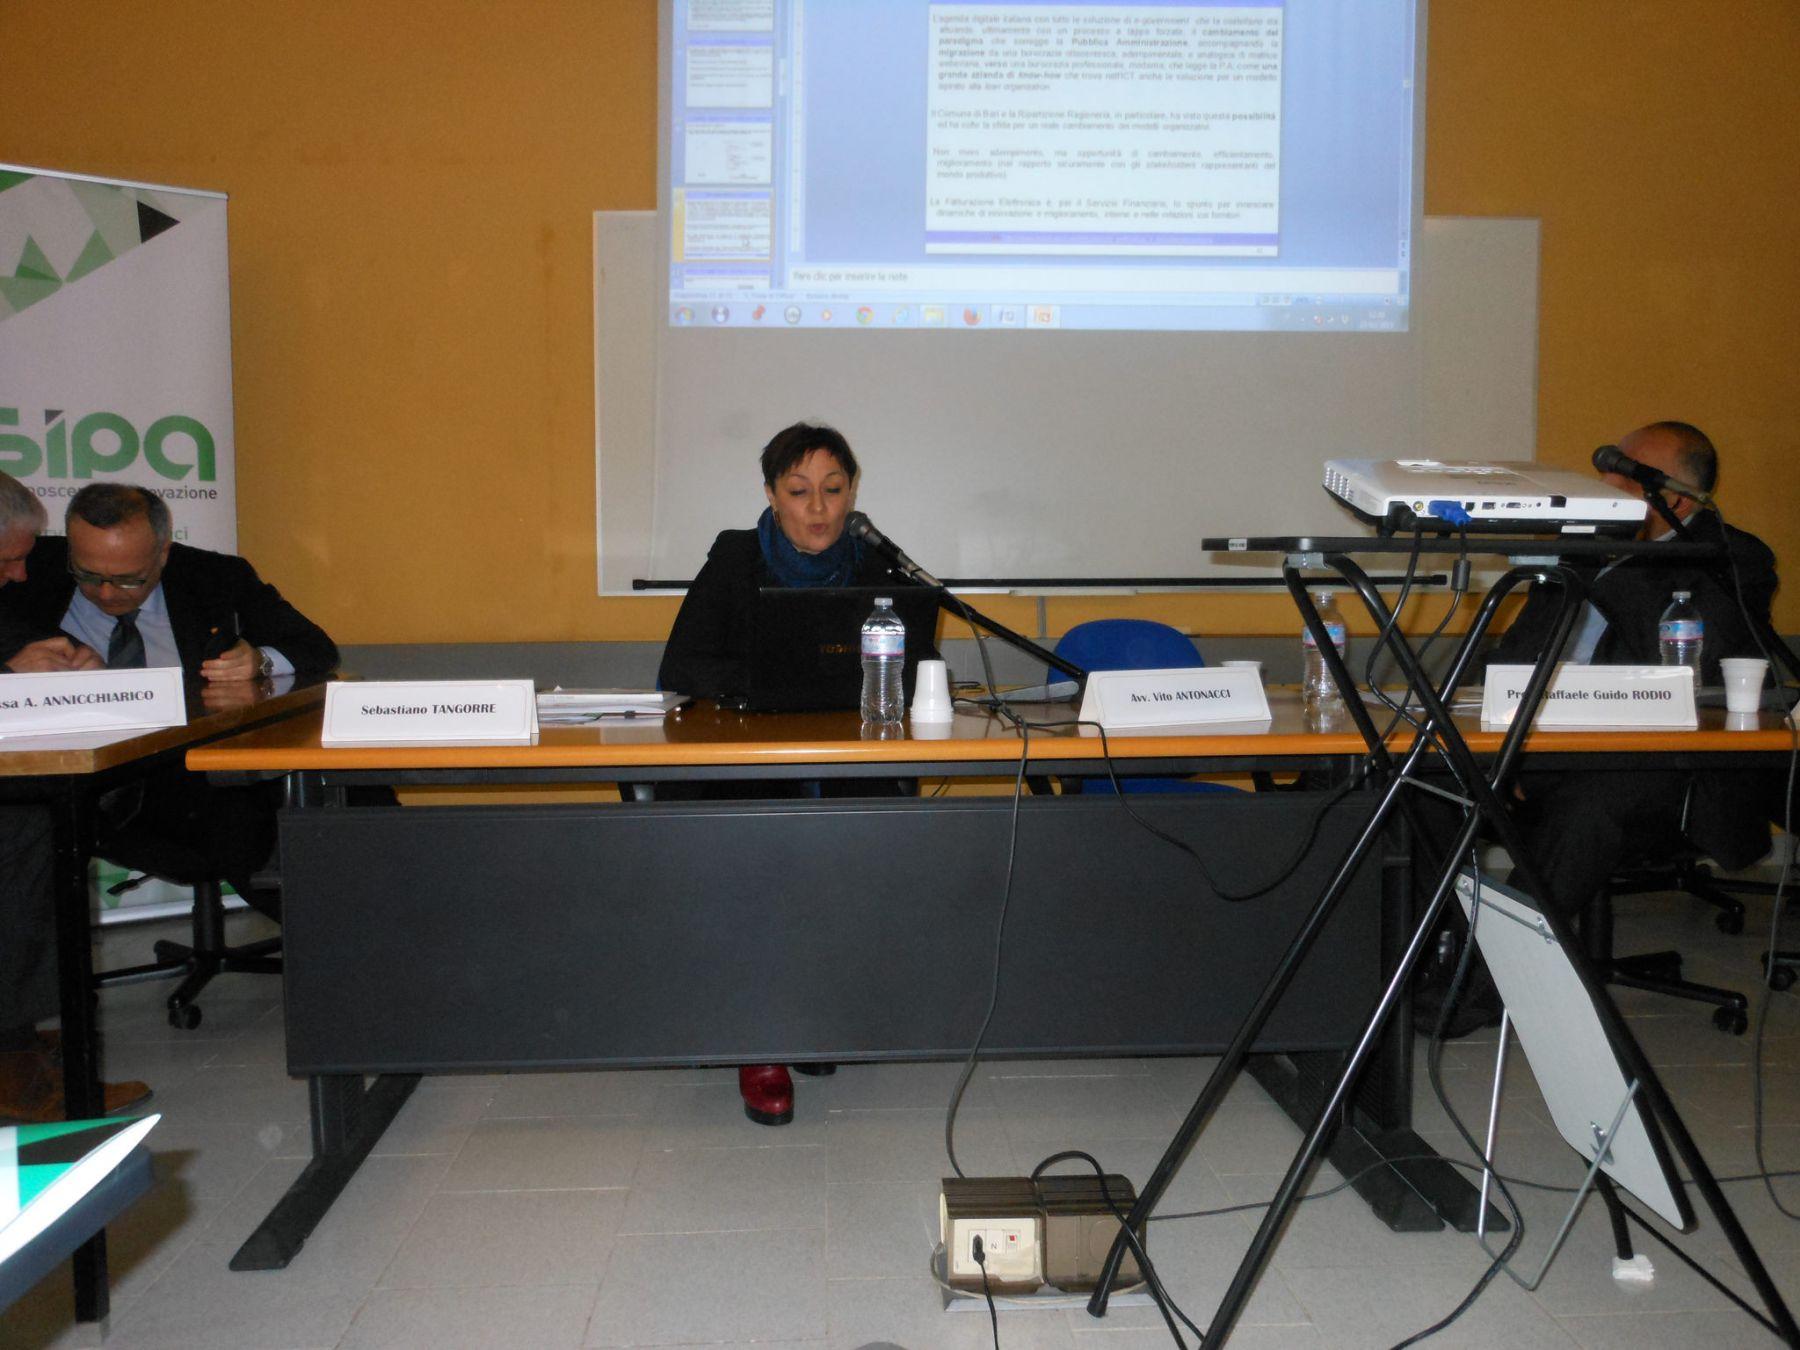 CSIPA - La fatturazione elettronica ed i sistemi di conservazione digitale